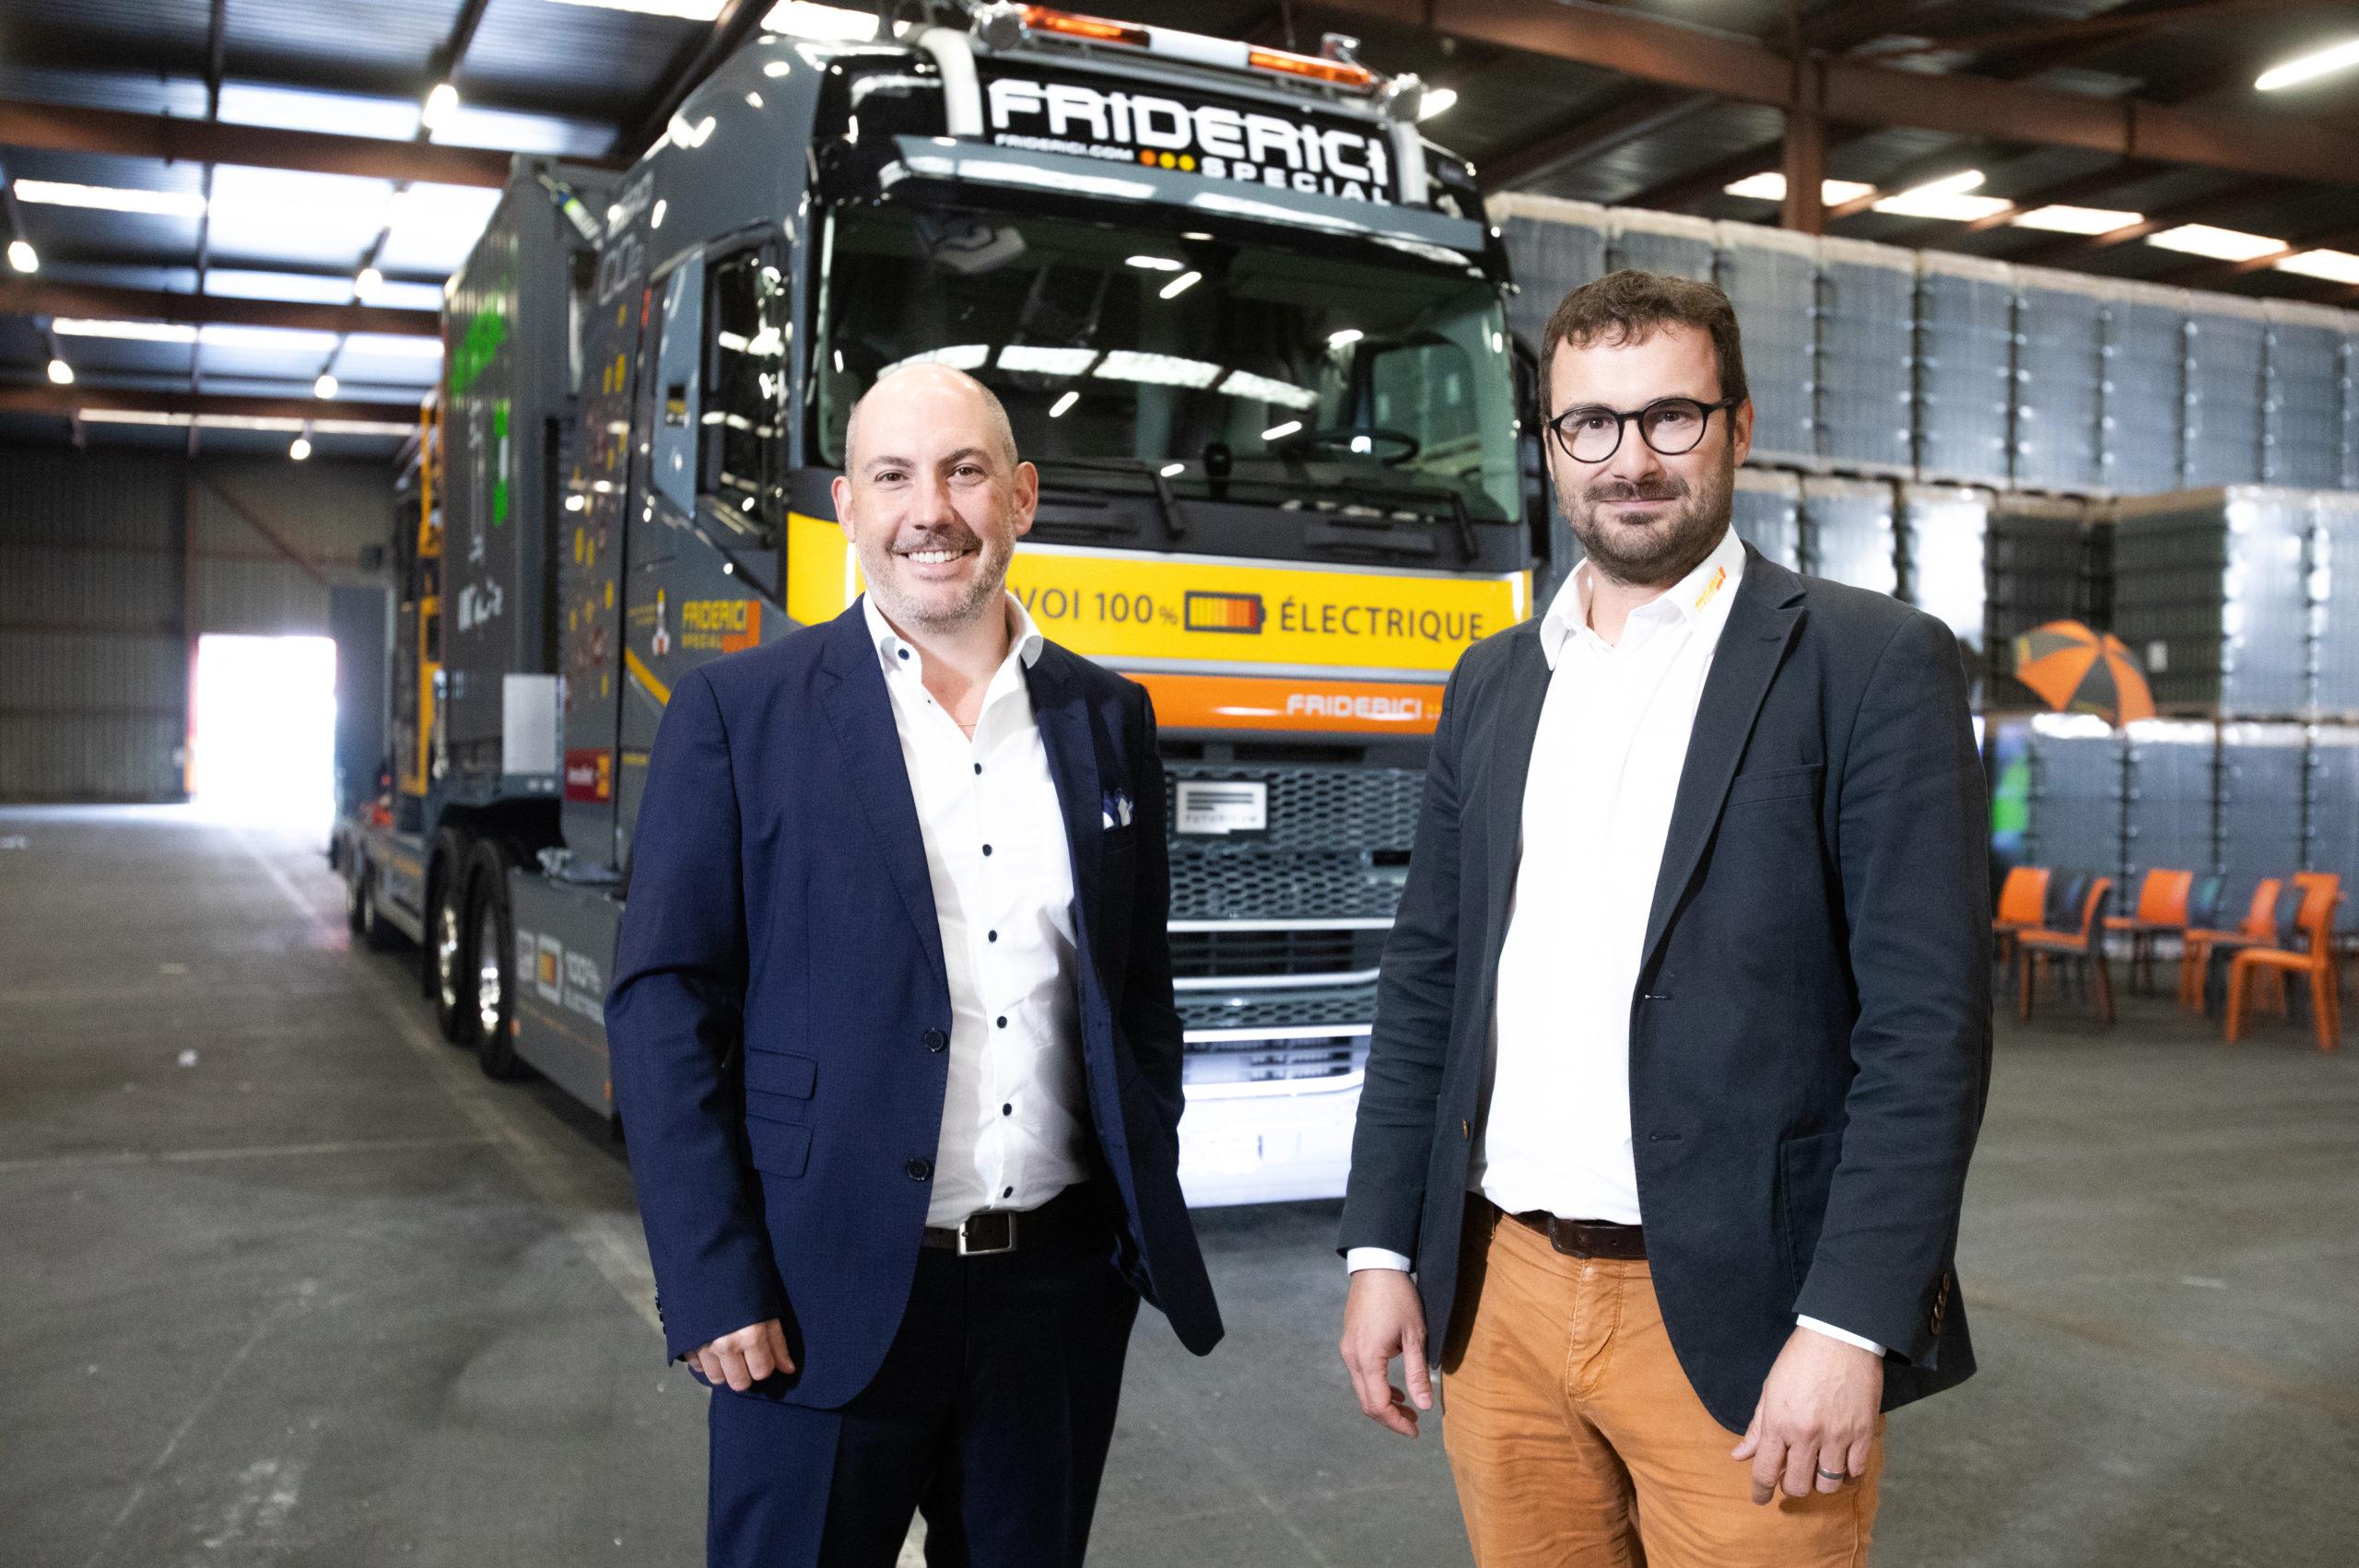 Un camion 100% électrique pour verdir le transporteur Friderici